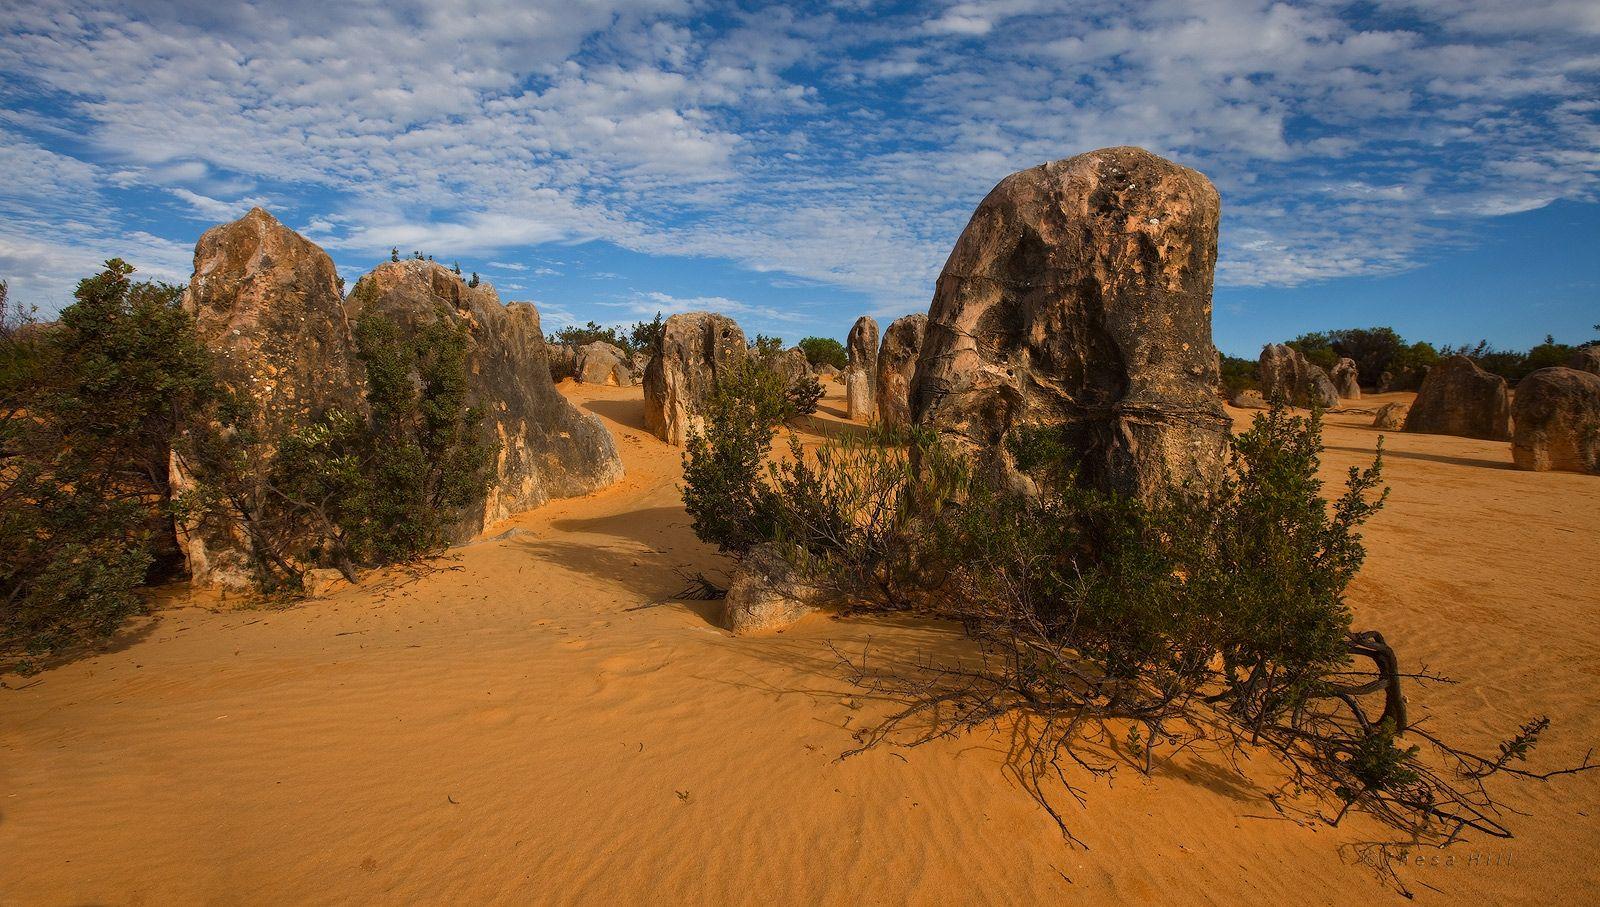 1. Это чудо австралийской природы находится в национальном парке Nambung, что в 245-ти километрах к Северу от Перта. Национальный парк Nambung был назван по имени реки, извивающейся по территории парка и исчезающей в недрах известняковых пещер.